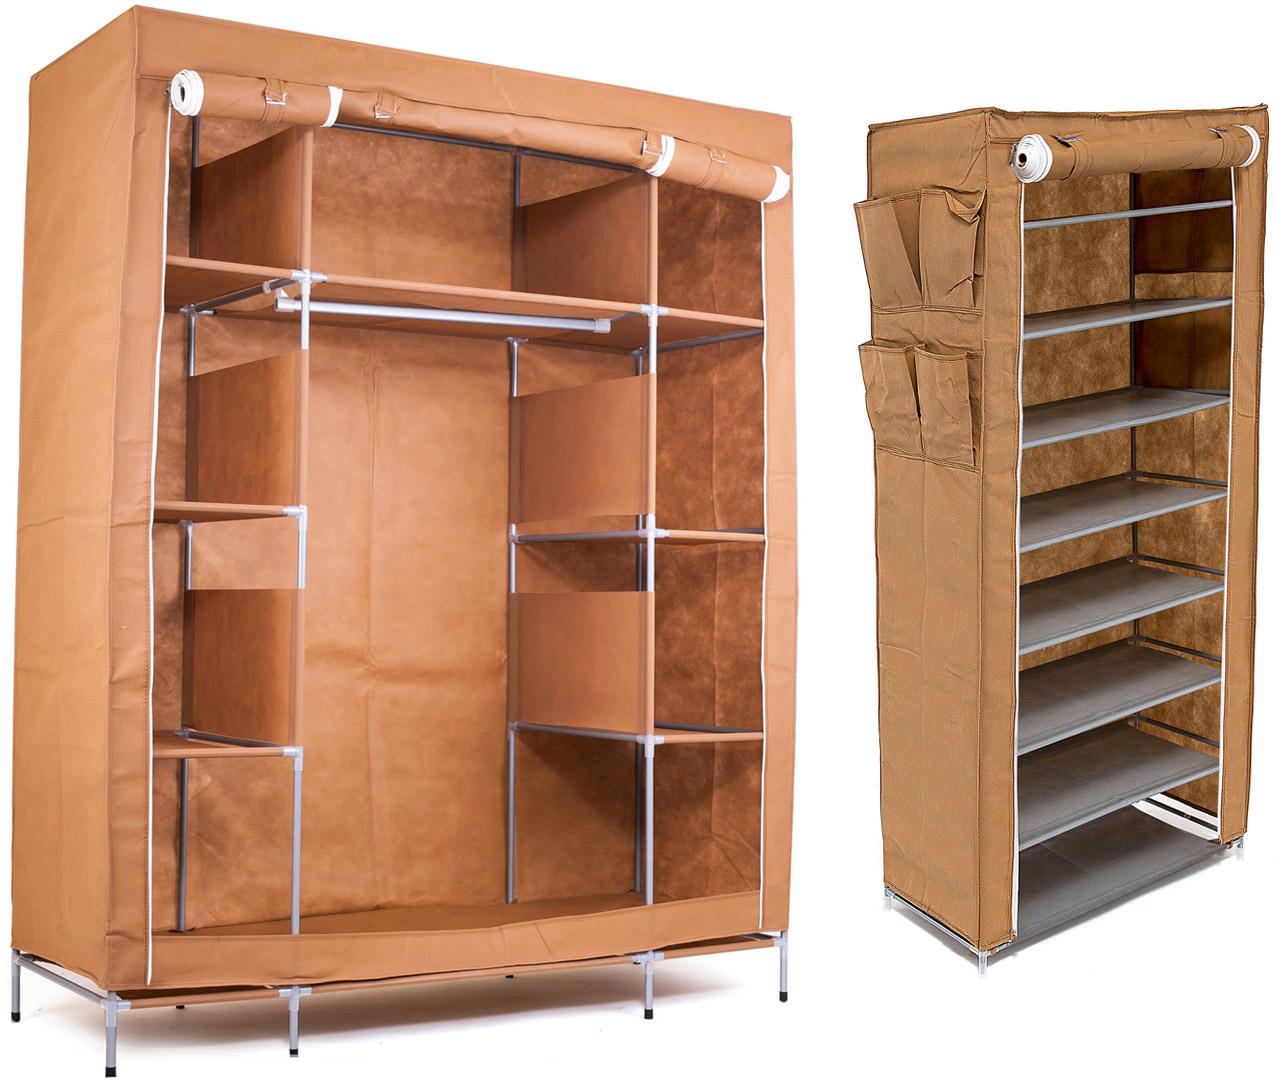 Набор кофров для хранения Homsu, цвет: коричневый, 2 штDEN-44Уникальный дизайн этого комплекта станет настоящим украшением для любого интерьера. Практичная составляющая подобной мебели также вне сомнений. Лёгкие и прочные устойчивые конструкции из каркасов и тканевой обивки могут быть легко собраны вами без посторонней помощи, буквально за несколько минут. Такая мебель будет всегда удобной и максимально практичной, ведь верхнюю тканевую часть при надобности можно всегда постирать либо же попросту поменять на аналогичную другого цвета. Кроме того, такие конструкции всегда будут отличным решением для того, кому по душе мобильность и постоянная смена обстановки. 1400х500х1750; 600х300х1360